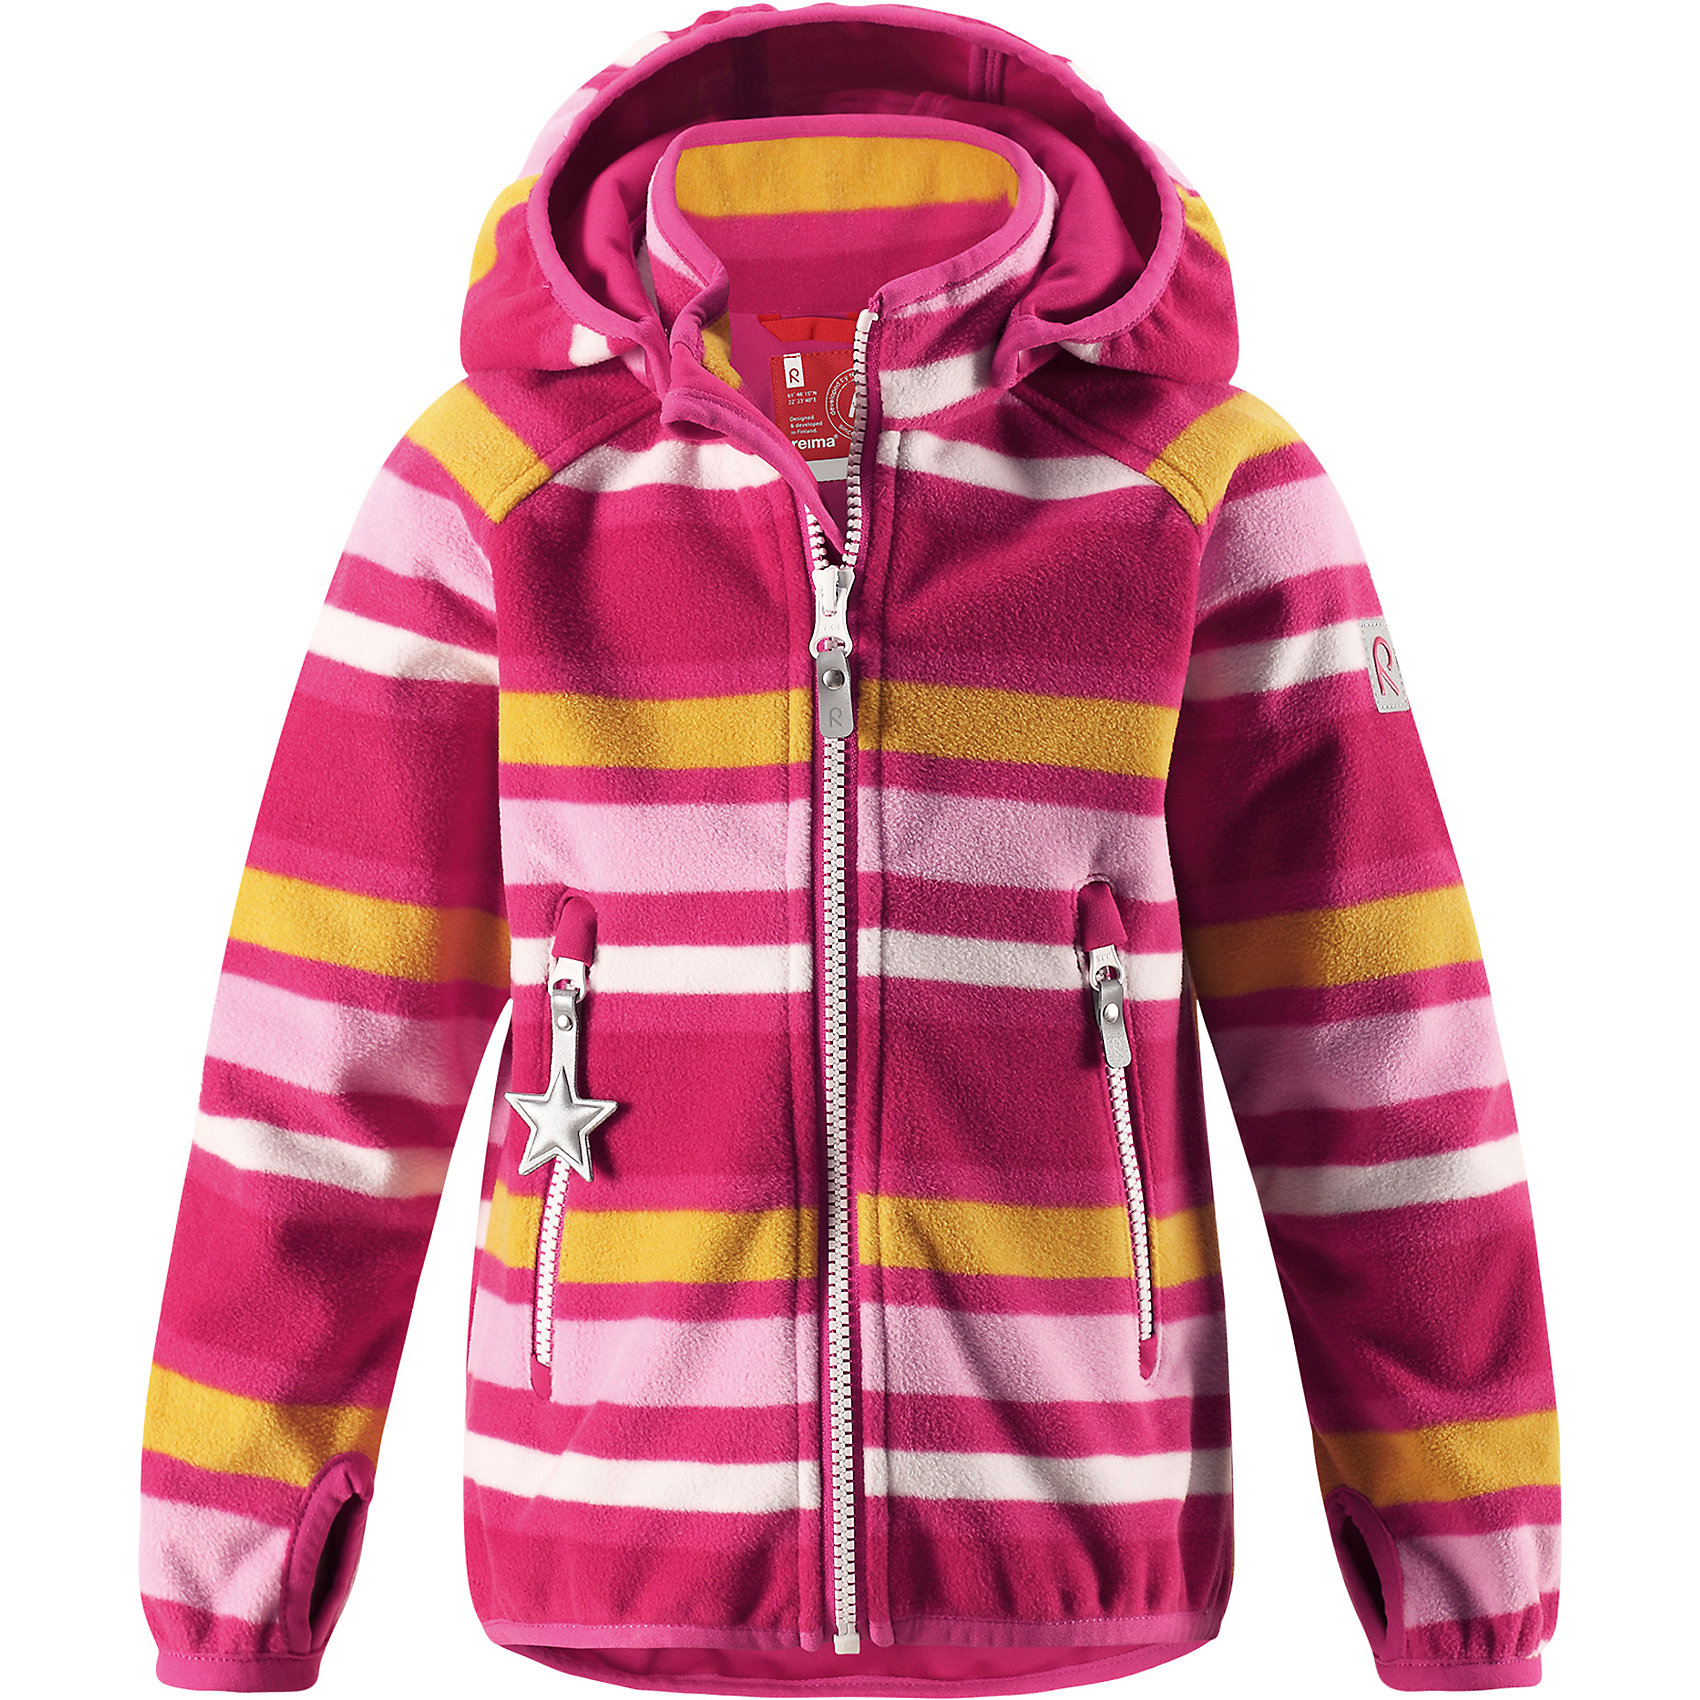 Куртка Reima VuoksiФлис и термобелье<br>Характеристики товара:<br><br>• цвет: розовый;<br>• состав: 100% полиэстер, windfleece;<br>• подкладка: 100% хлопок;<br>• без утеплителя;<br>• температурный режим: от 0 до +15С;<br>• сезон: демисезон; <br>• водонепроницаемость: 3000 мм;<br>• воздухопроницаемость: 3000 мм;<br>• водоотталкивающий, ветронепроницаемый и дышащий материал;<br>• материал jersey  на внутренней стороне;<br>• эластичная резинка на кромке капюшона, манжетах и подоле;<br>• застежка: молния с защитой подбородка;<br>• безопасный съемный капюшон на кнопках;<br>• отверстие для большого пальца на манжете;<br>• два кармана на молнии;<br>• светоотражающие детали;<br>• страна бренда: Финляндия;<br>• страна изготовитель: Китай.<br><br>В этой куртке Reima из материала windfleece маленьких покорителей погоды не остановит никакой ветер! Эластичная куртка сшита из дышащего флиса с внутренней ветронепроницаемой мембраной. Кроме того, у этой брызгозащищенной куртки – водо и грязеотталкивающая поверхность. <br><br>Многослойный материал имеет трикотажную изнанку. Удлиненные рукава с отверстиями для больших пальцев защищают маленькие запястья от холода. Съемный капюшон обеспечивает защиту от холодного весеннего и осеннего ветра, а также безопасен во время игр на свежем воздухе! <br><br>Два кармана на молнии надежно сохранят все важные мелочи во время веселых игр на воздухе. Эта куртка предназначена для подвижных детей и для любых видов активного отдыха на свежем воздухе – а в мороз ее можно поддевать в качестве промежуточного слоя под зимнюю куртку.<br><br>Куртку Vuoksi Reima от финского бренда Reima (Рейма) можно купить в нашем интернет-магазине.<br><br>Ширина мм: 356<br>Глубина мм: 10<br>Высота мм: 245<br>Вес г: 519<br>Цвет: розовый<br>Возраст от месяцев: 18<br>Возраст до месяцев: 24<br>Пол: Унисекс<br>Возраст: Детский<br>Размер: 92,140,134,128,122,116,110,104,98<br>SKU: 6901321